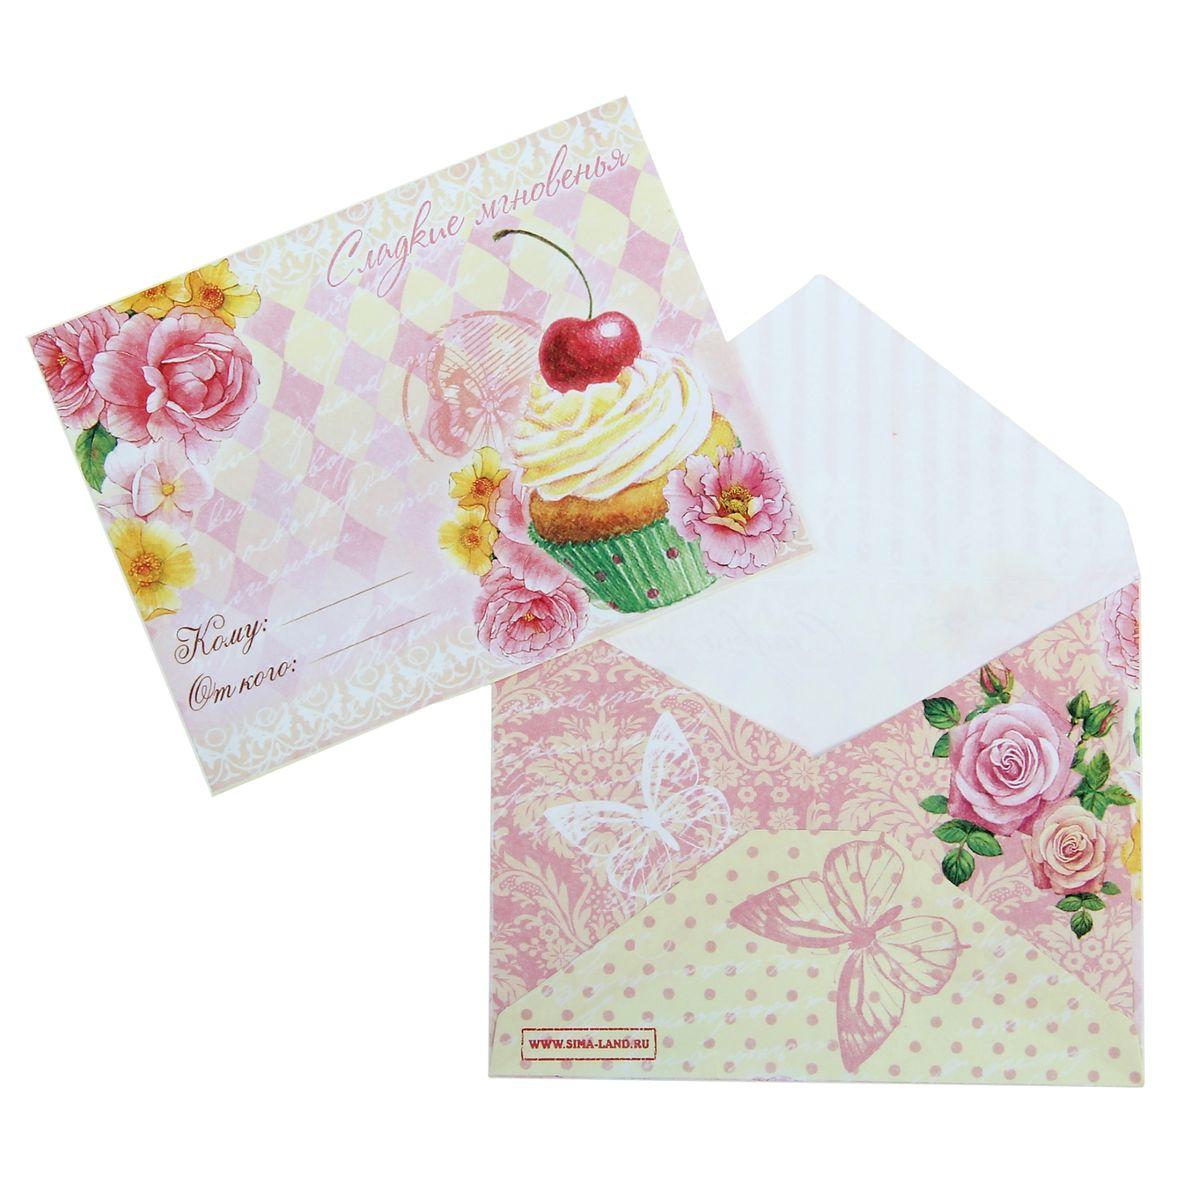 Конверт подарочный Сладкий, 7,5 х 9,8 см конверт подарочный следуй за мечтой